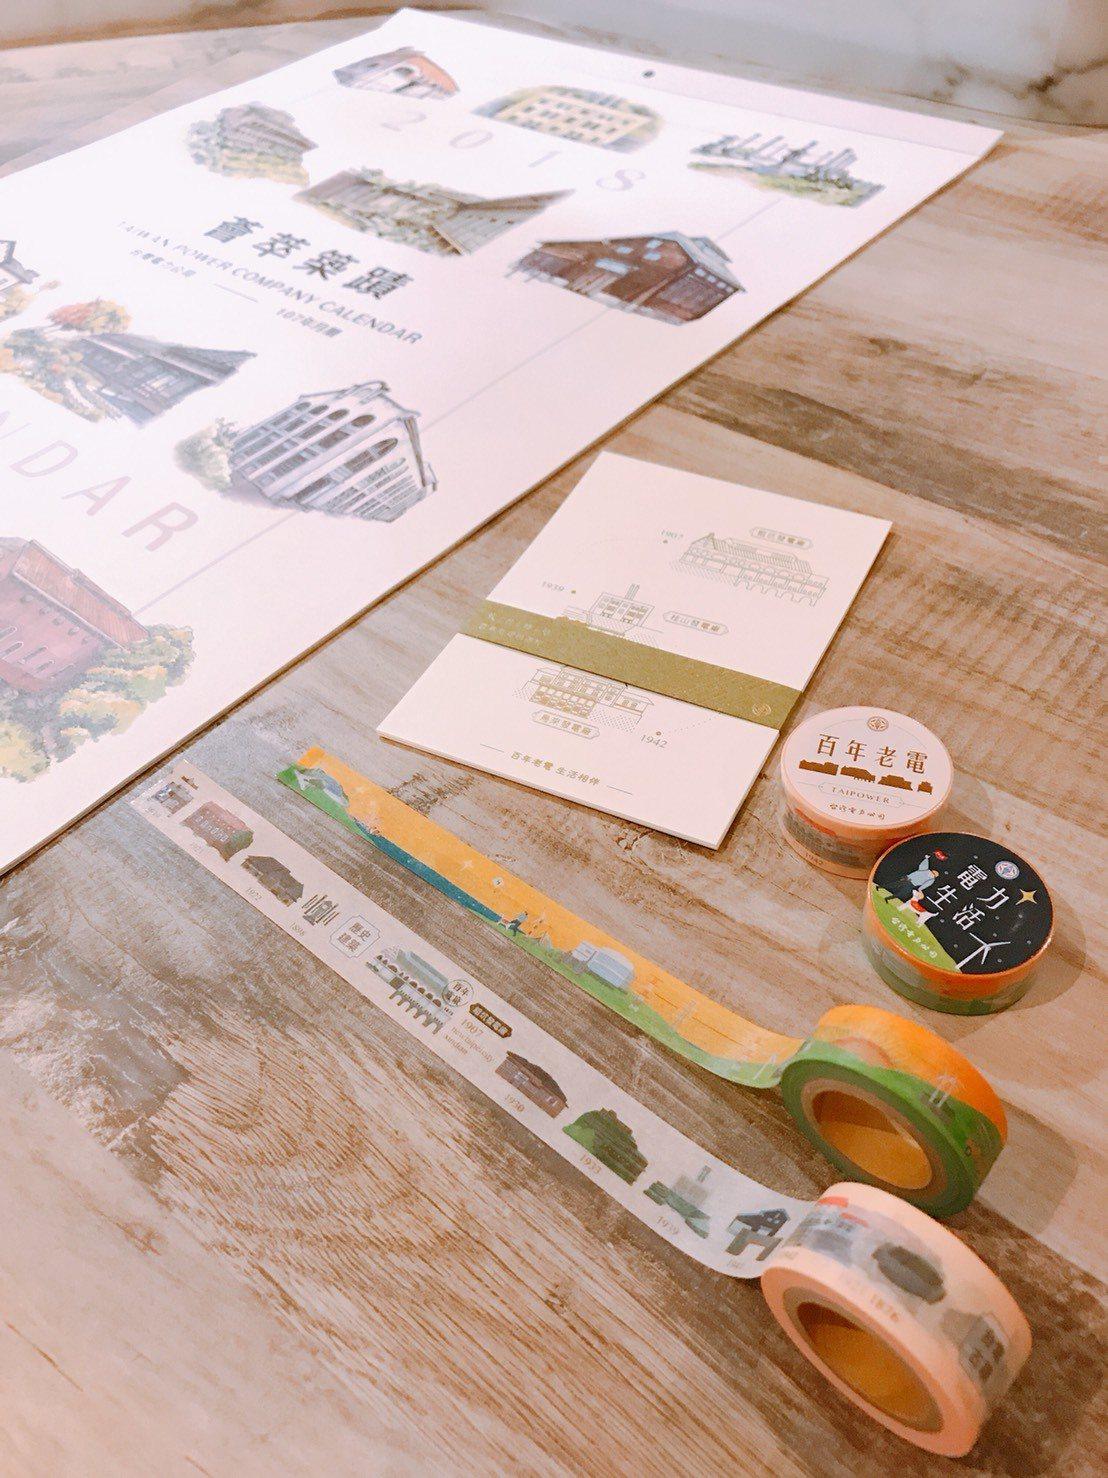 台電現正舉辦「築蹟特展」,同步推出「古蹟文創」紀念品,包含「手繪水彩」古蹟月曆、...